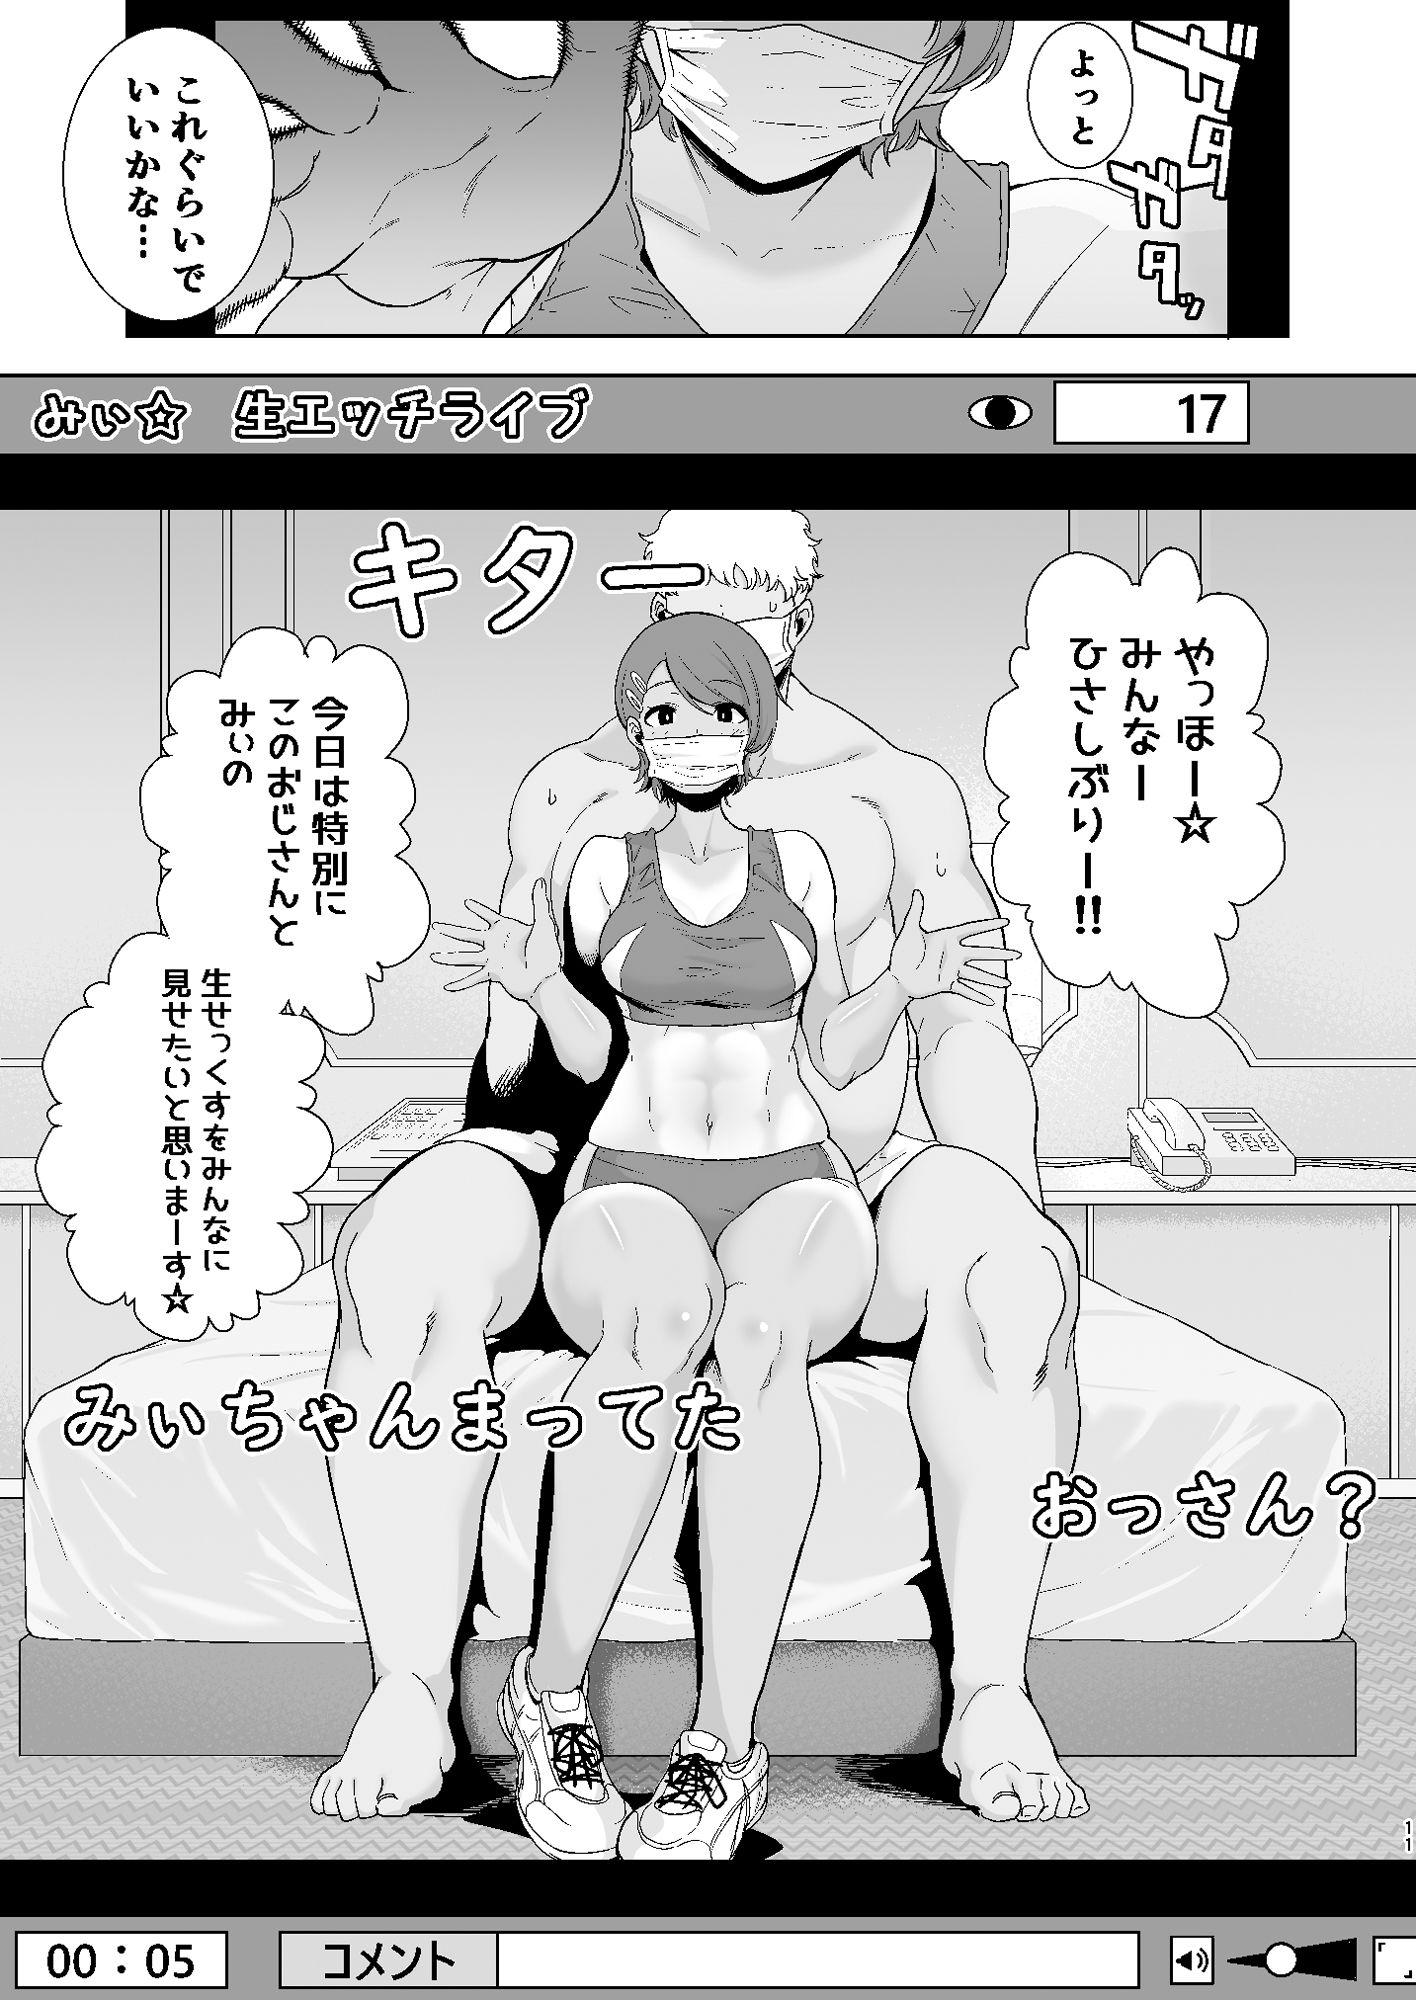 【エロ漫画無料大全集】【JKエロ漫画】性欲盛んなお嬢様たちに身体を捧げる竿おじさんの腰使いがヤバ過ぎるwww